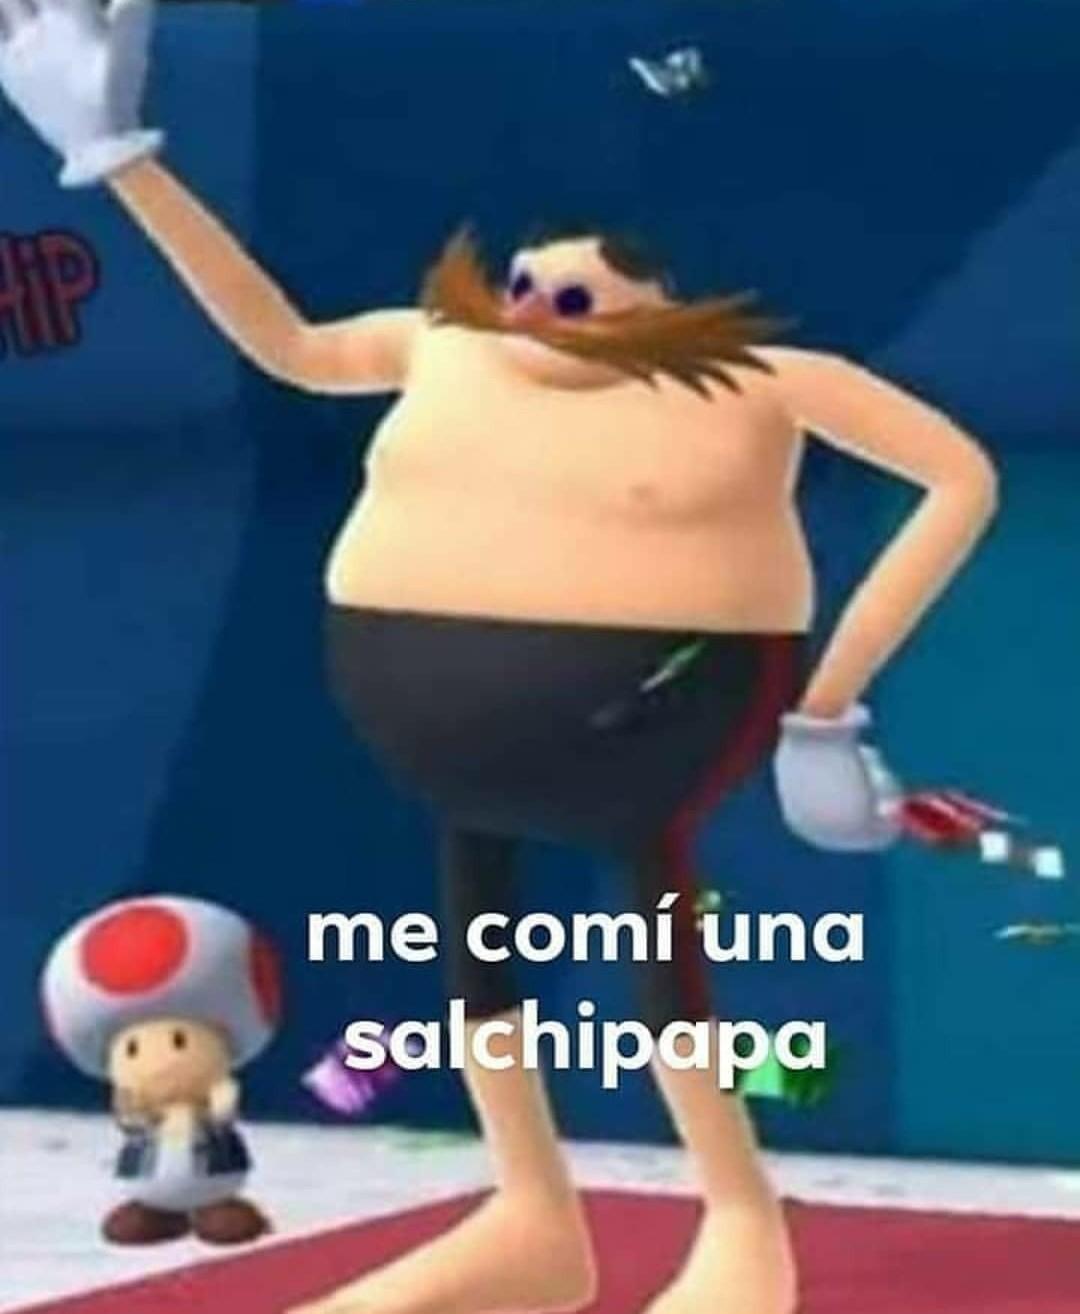 Watafak mi gente toad bailando - meme